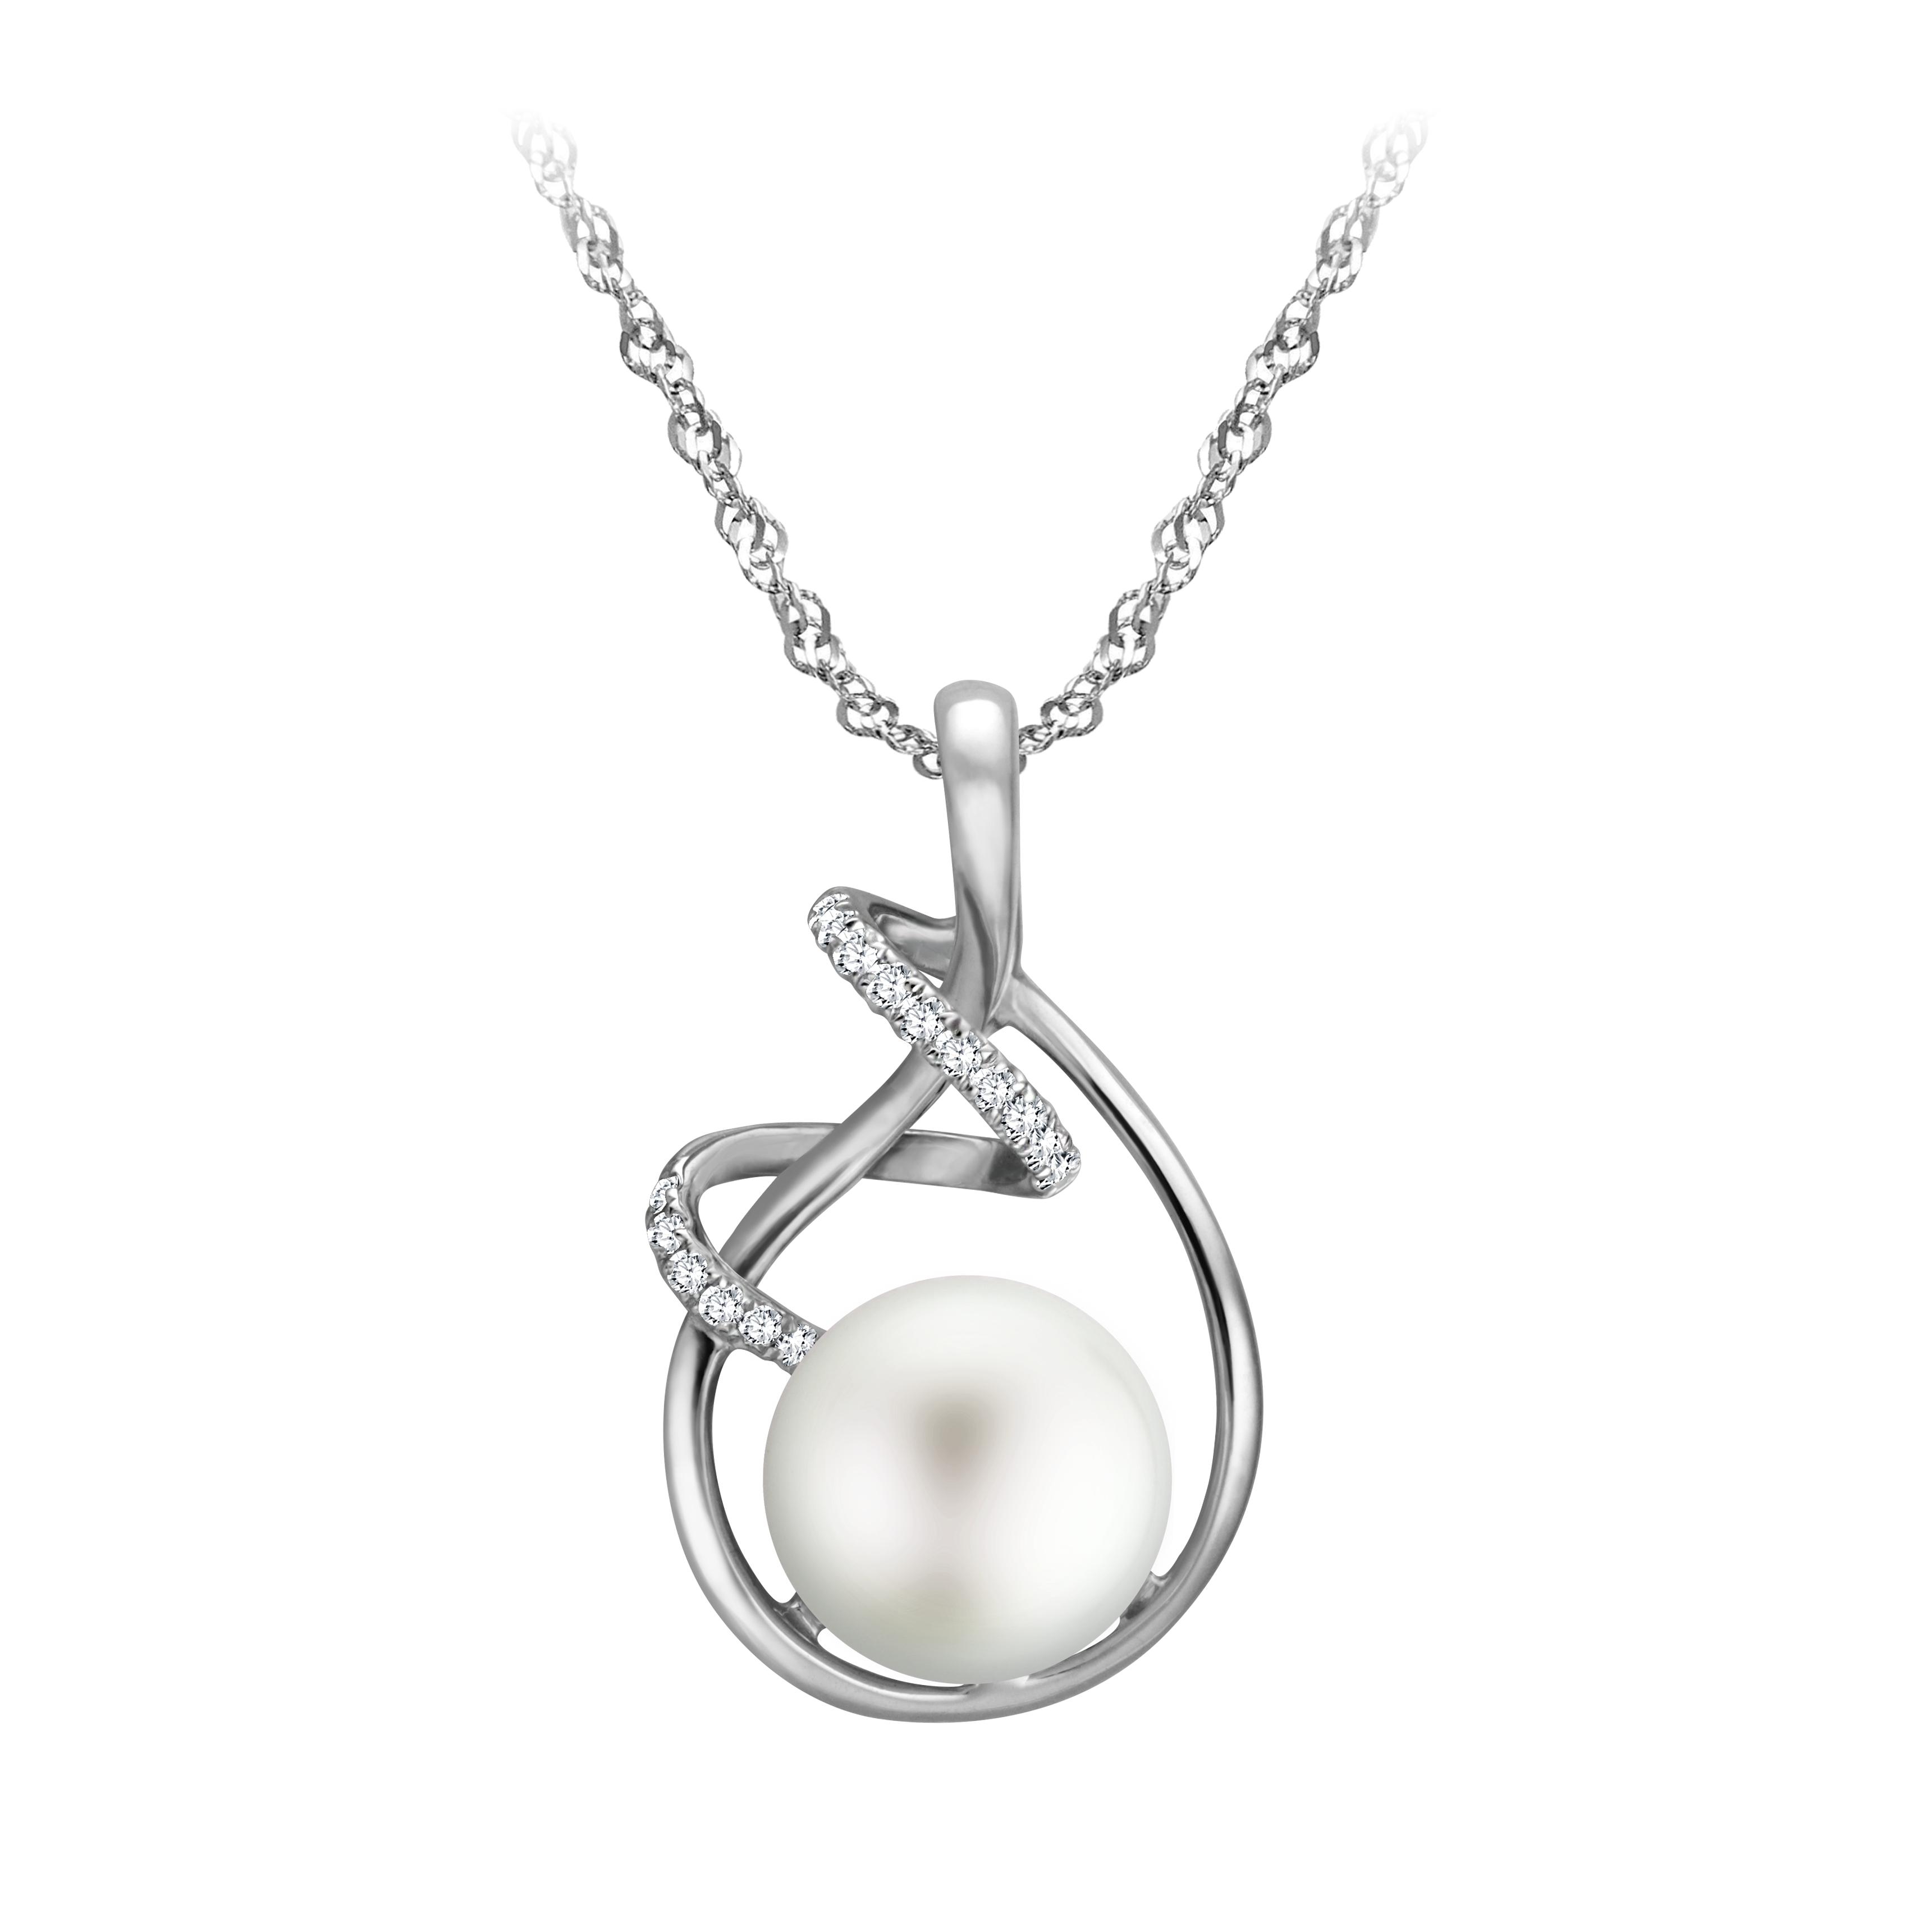 10.5mm珍珠鑲鑽墜子